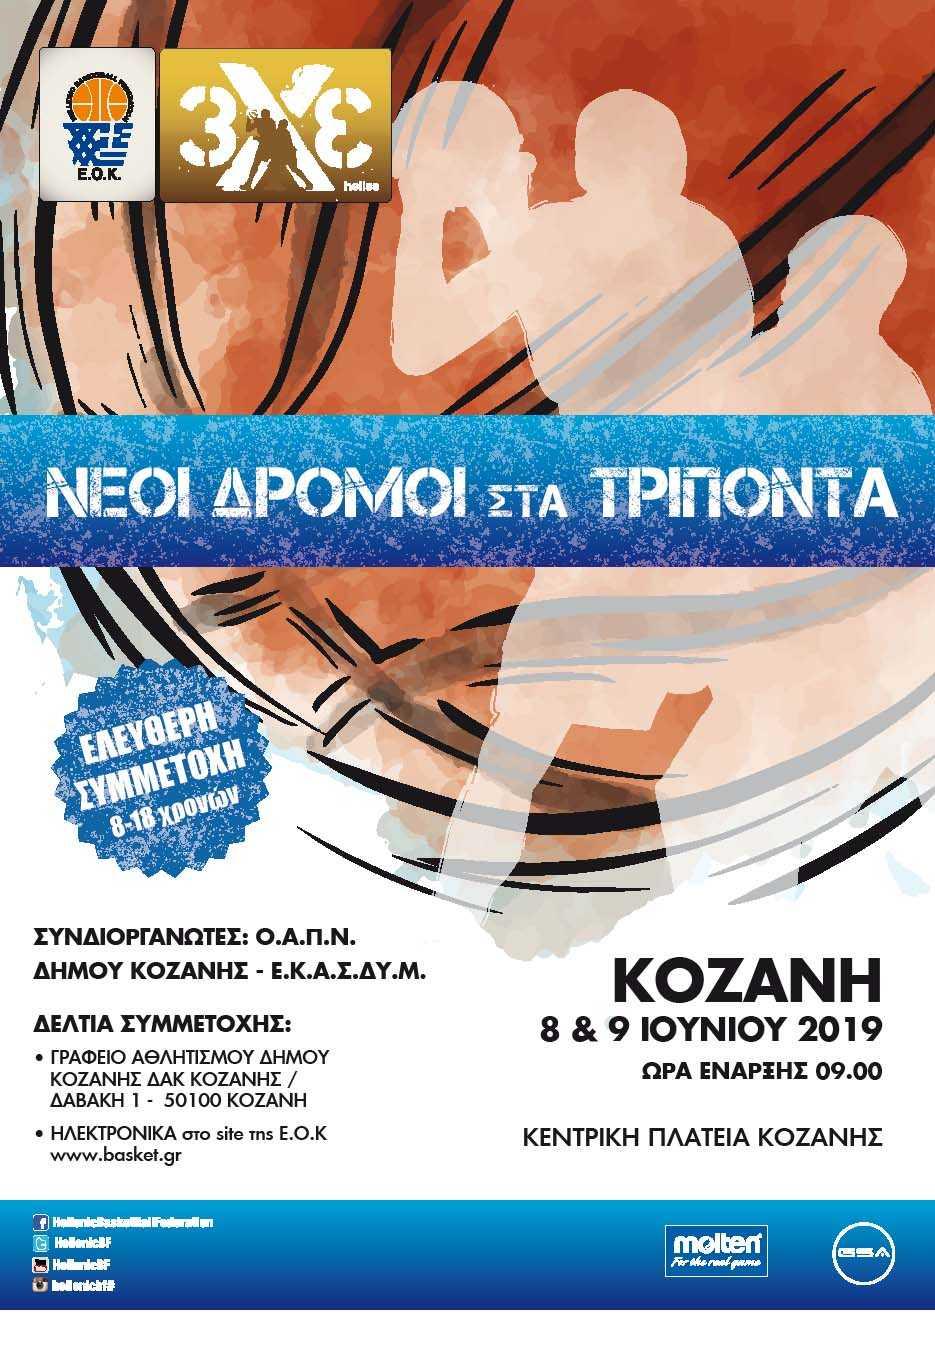 Τουρνουά μπάσκετ 3Χ3 για αγόρια και κορίτσια 8 έως 18 ετών στην Κοζάνη το Σάββατο 8 και την Κυριακή 9 Ιουνίου